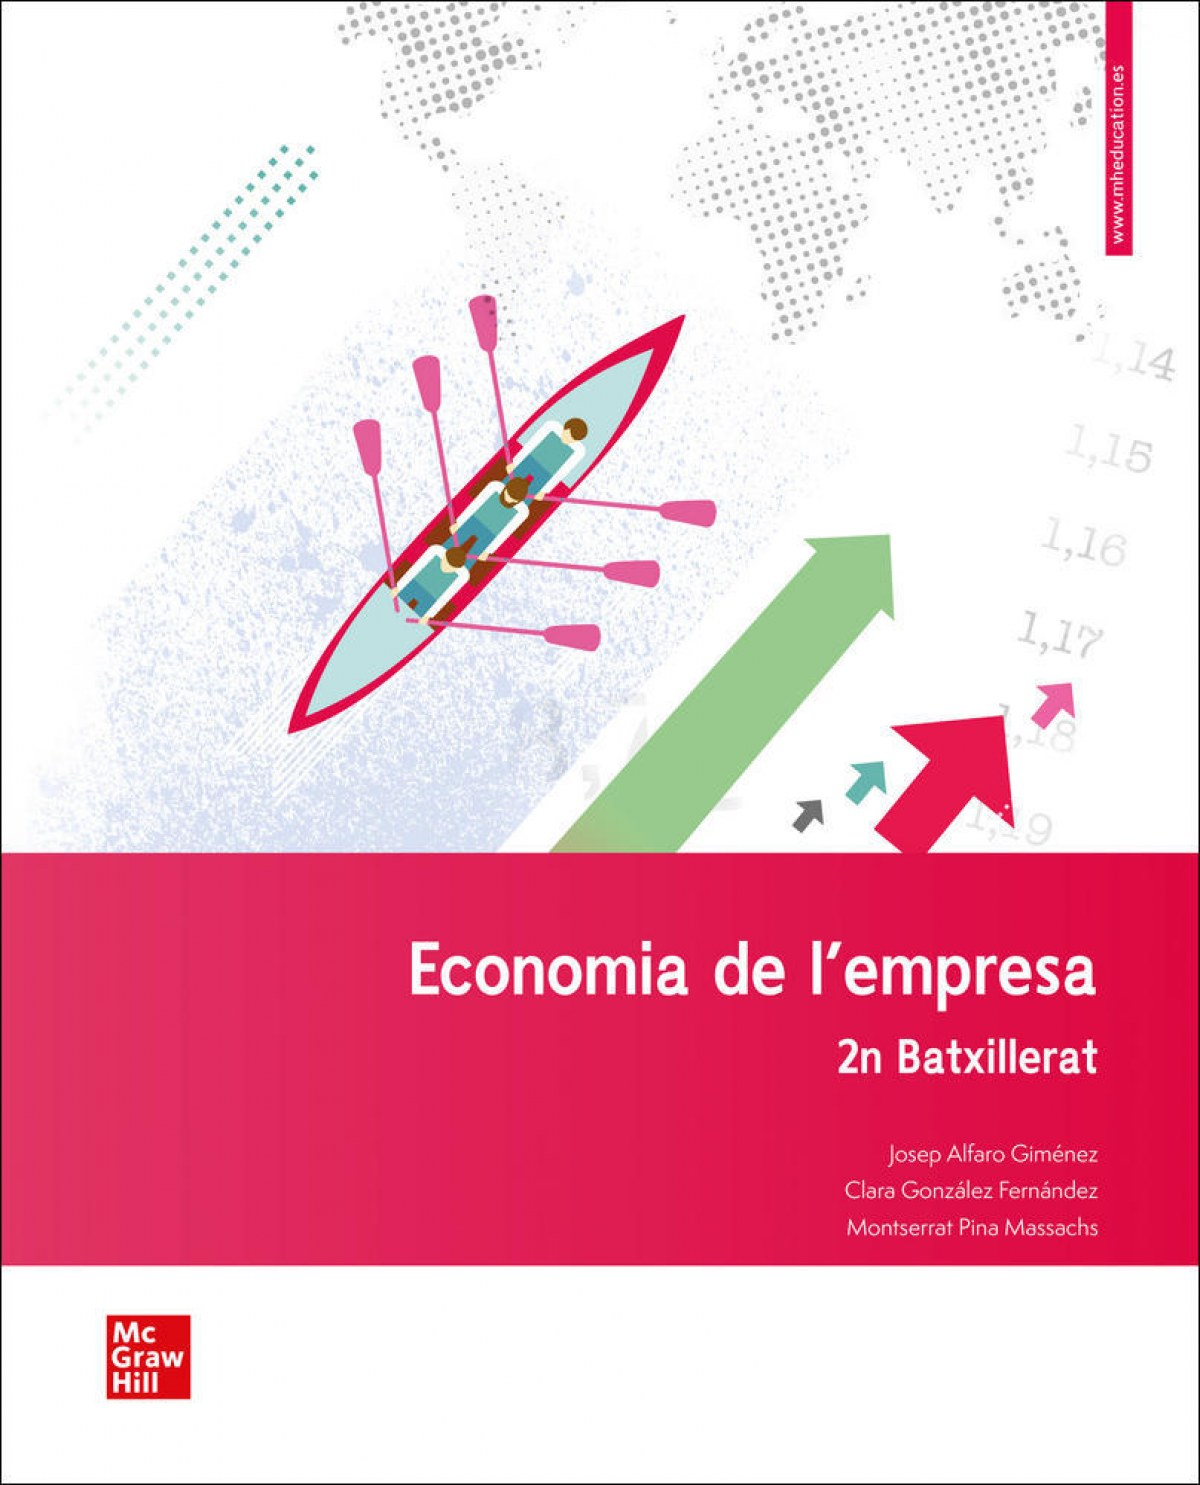 LA + SB Economia de l'empresa 2 BATX